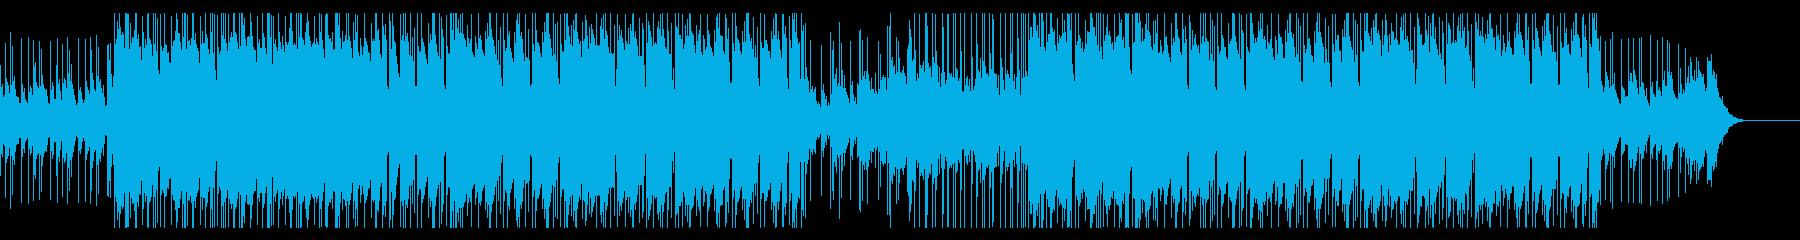 綺麗な音のかわいいヒップホップの再生済みの波形